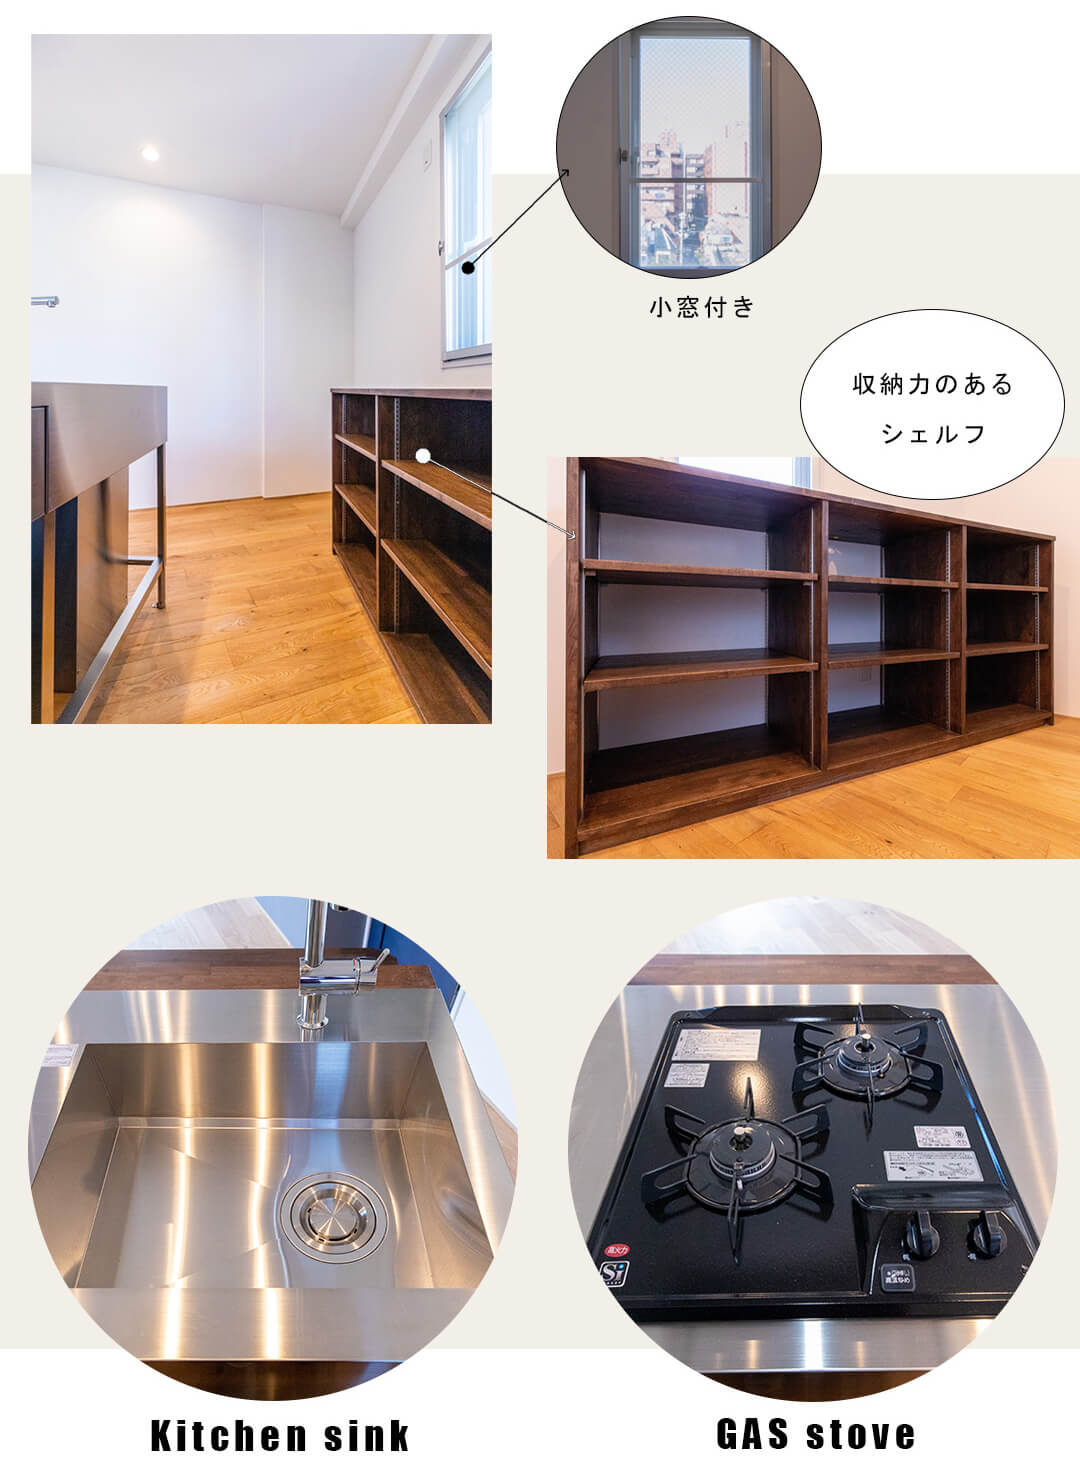 ユニロイヤル赤坂 6xxのキッチン